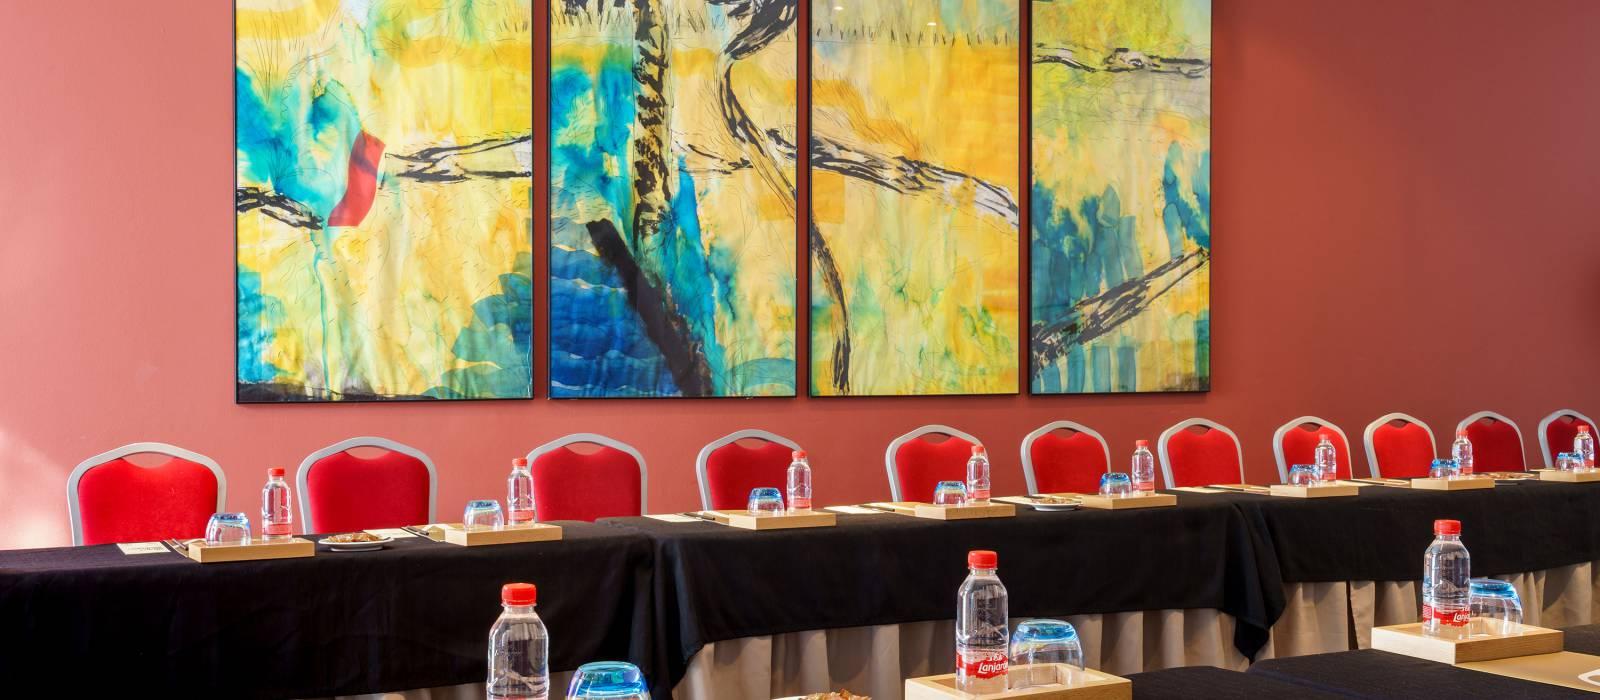 Servicios Hotel Malaga - Vincci Hoteles - Salones